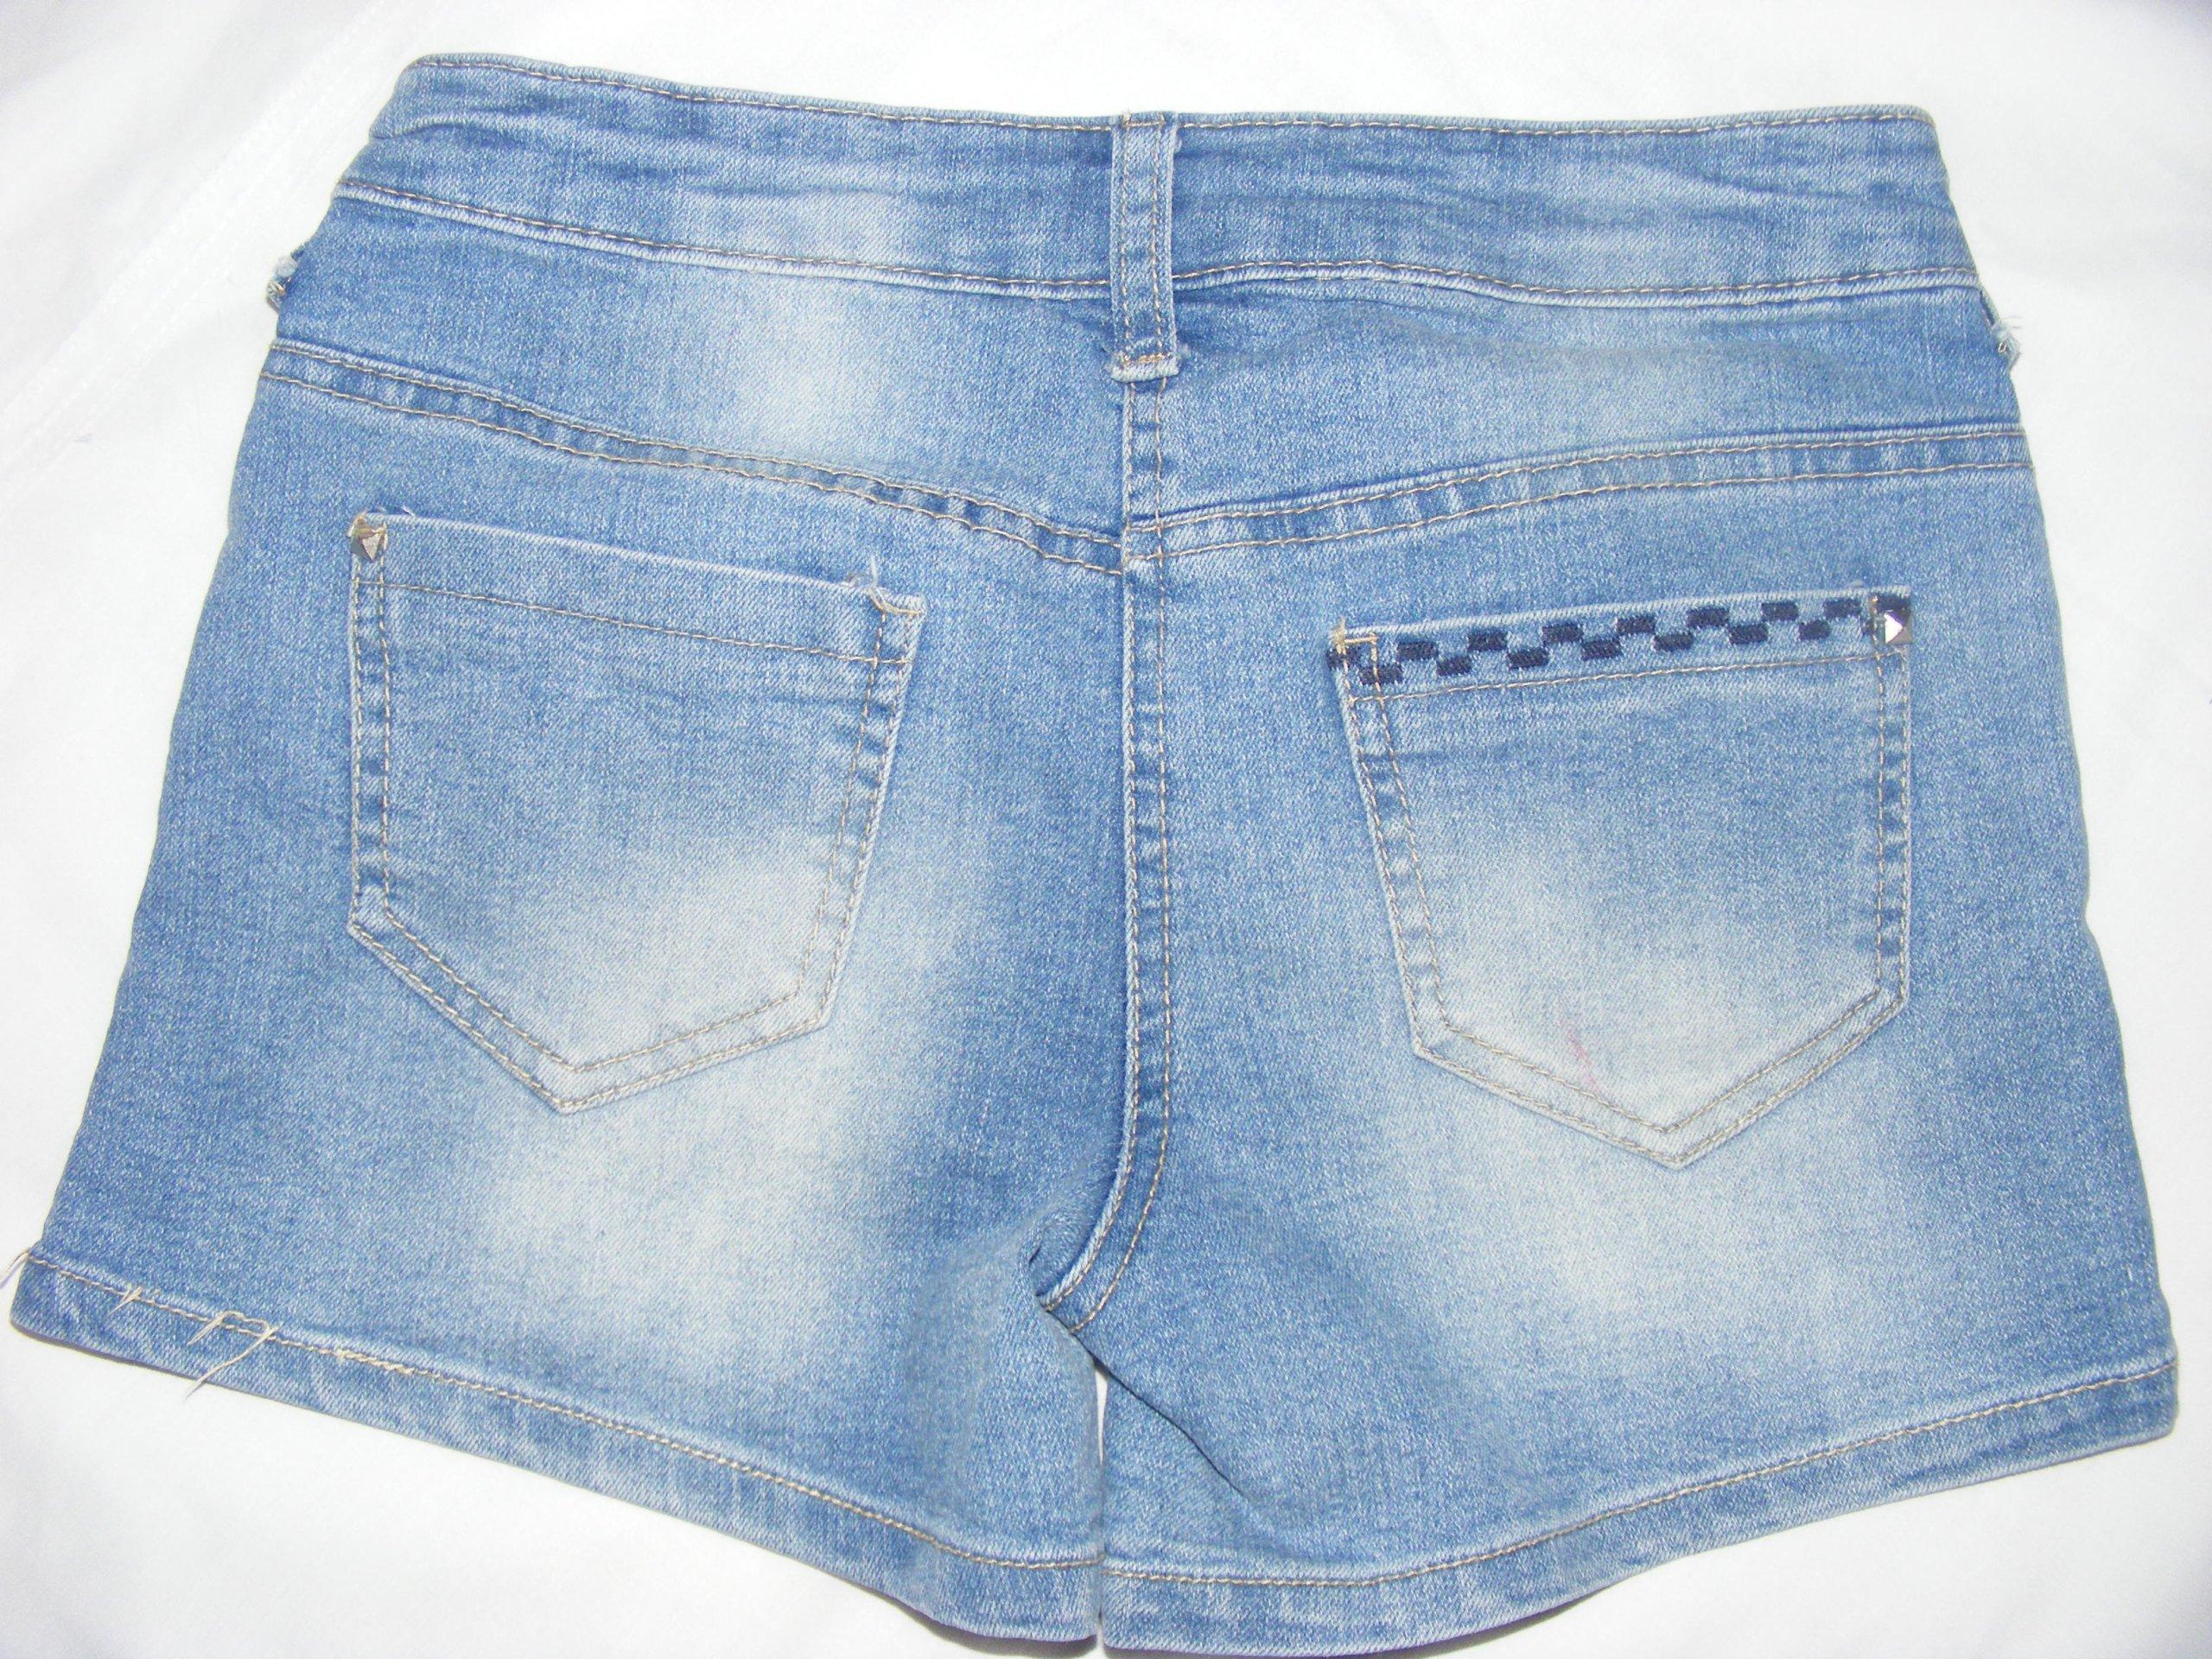 112ffaaa5 Spodenki jeansowe dla dziewczynki 9-10 lat 134 - 7284322800 ...